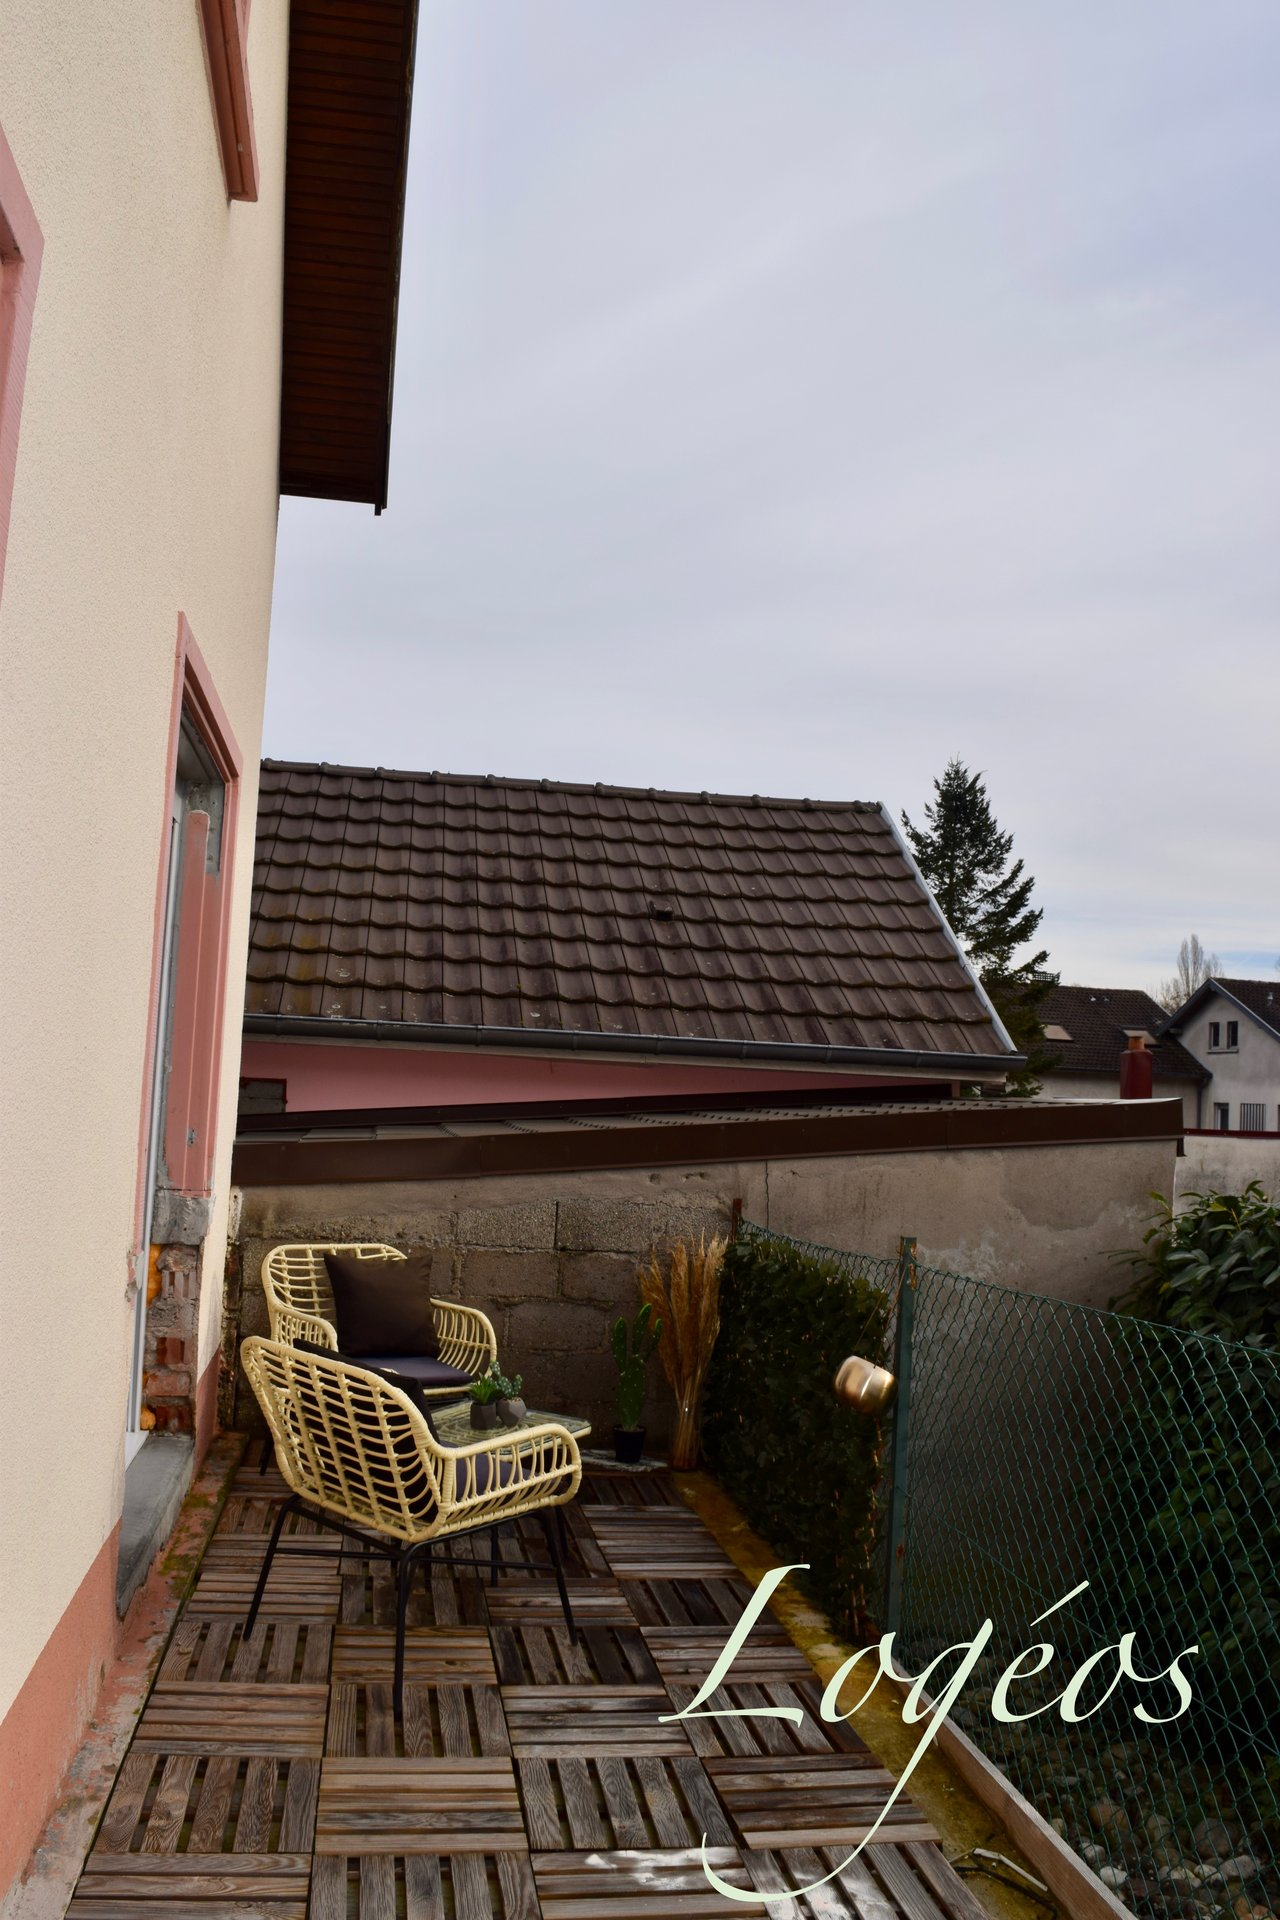 (Brunstatt/Didenheim) – maison 2 chambres, avec une dépendance.